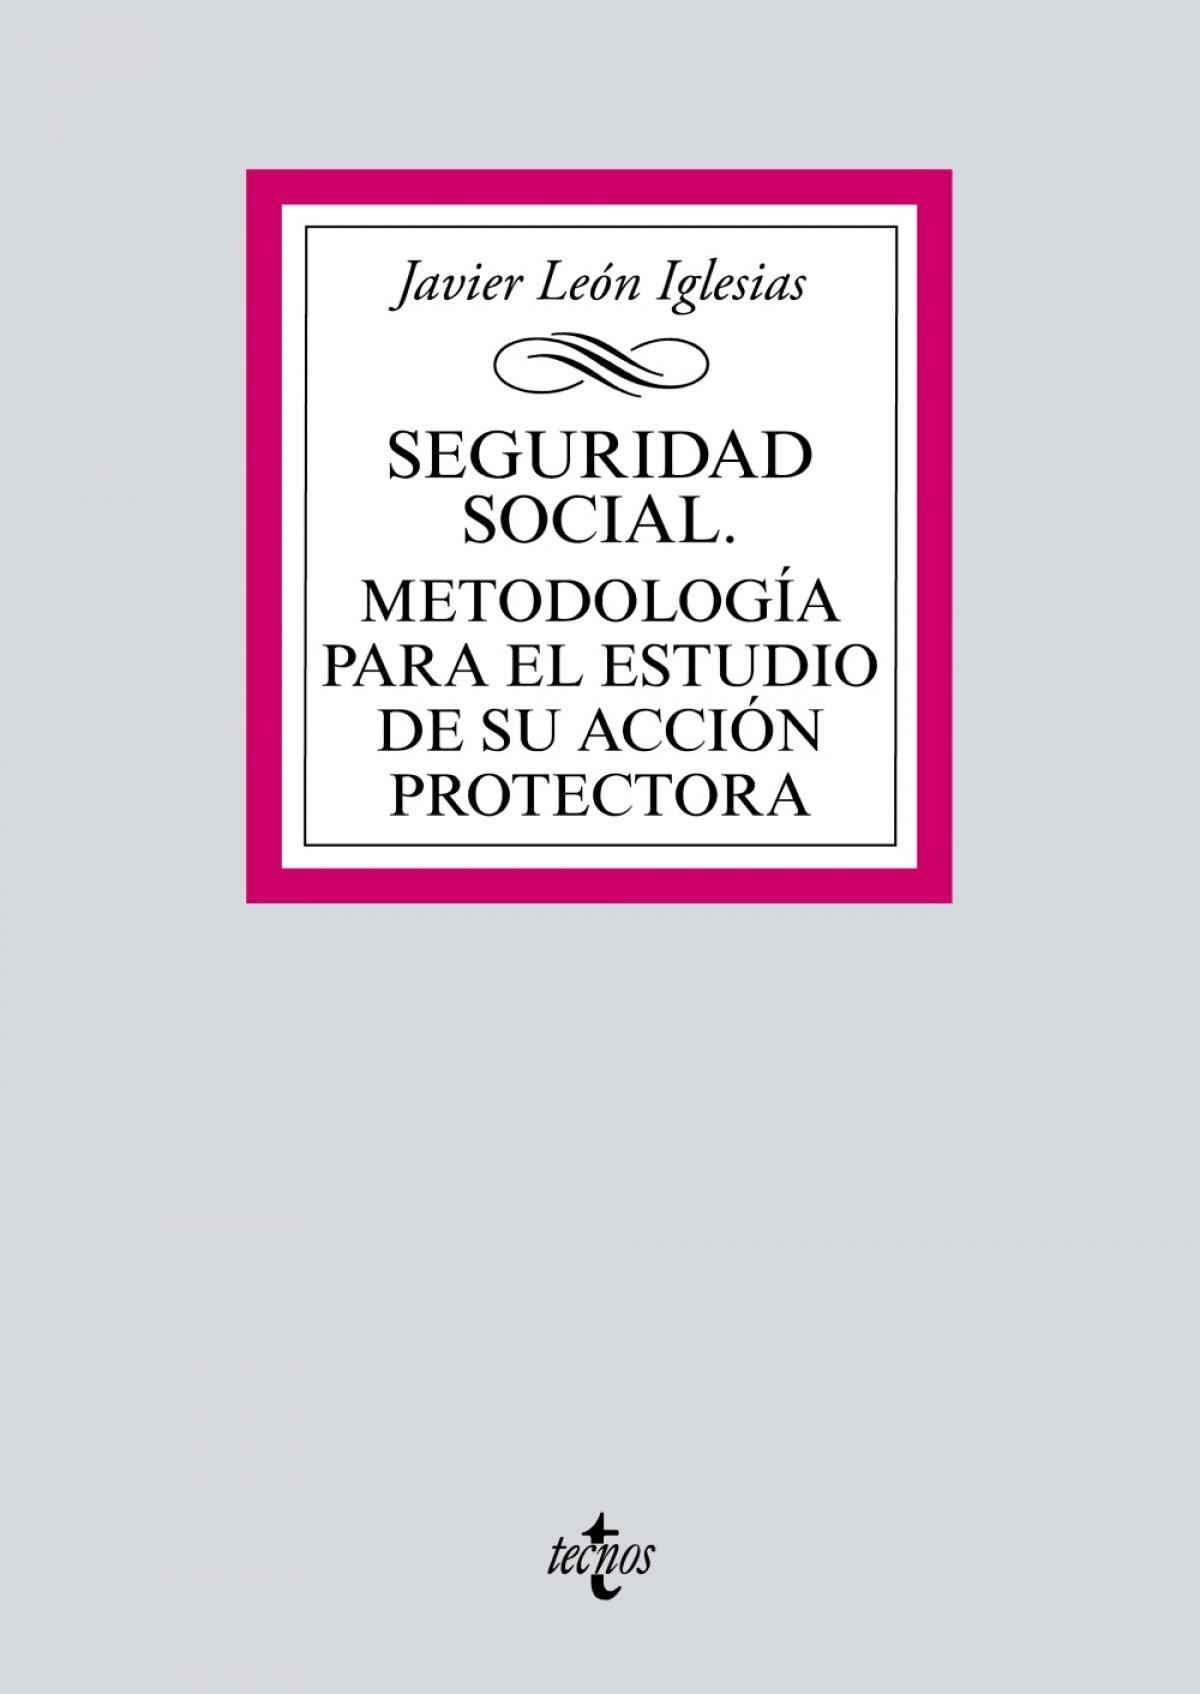 Seguridad Social. Metodolog¡a para el estudio de su acción protec